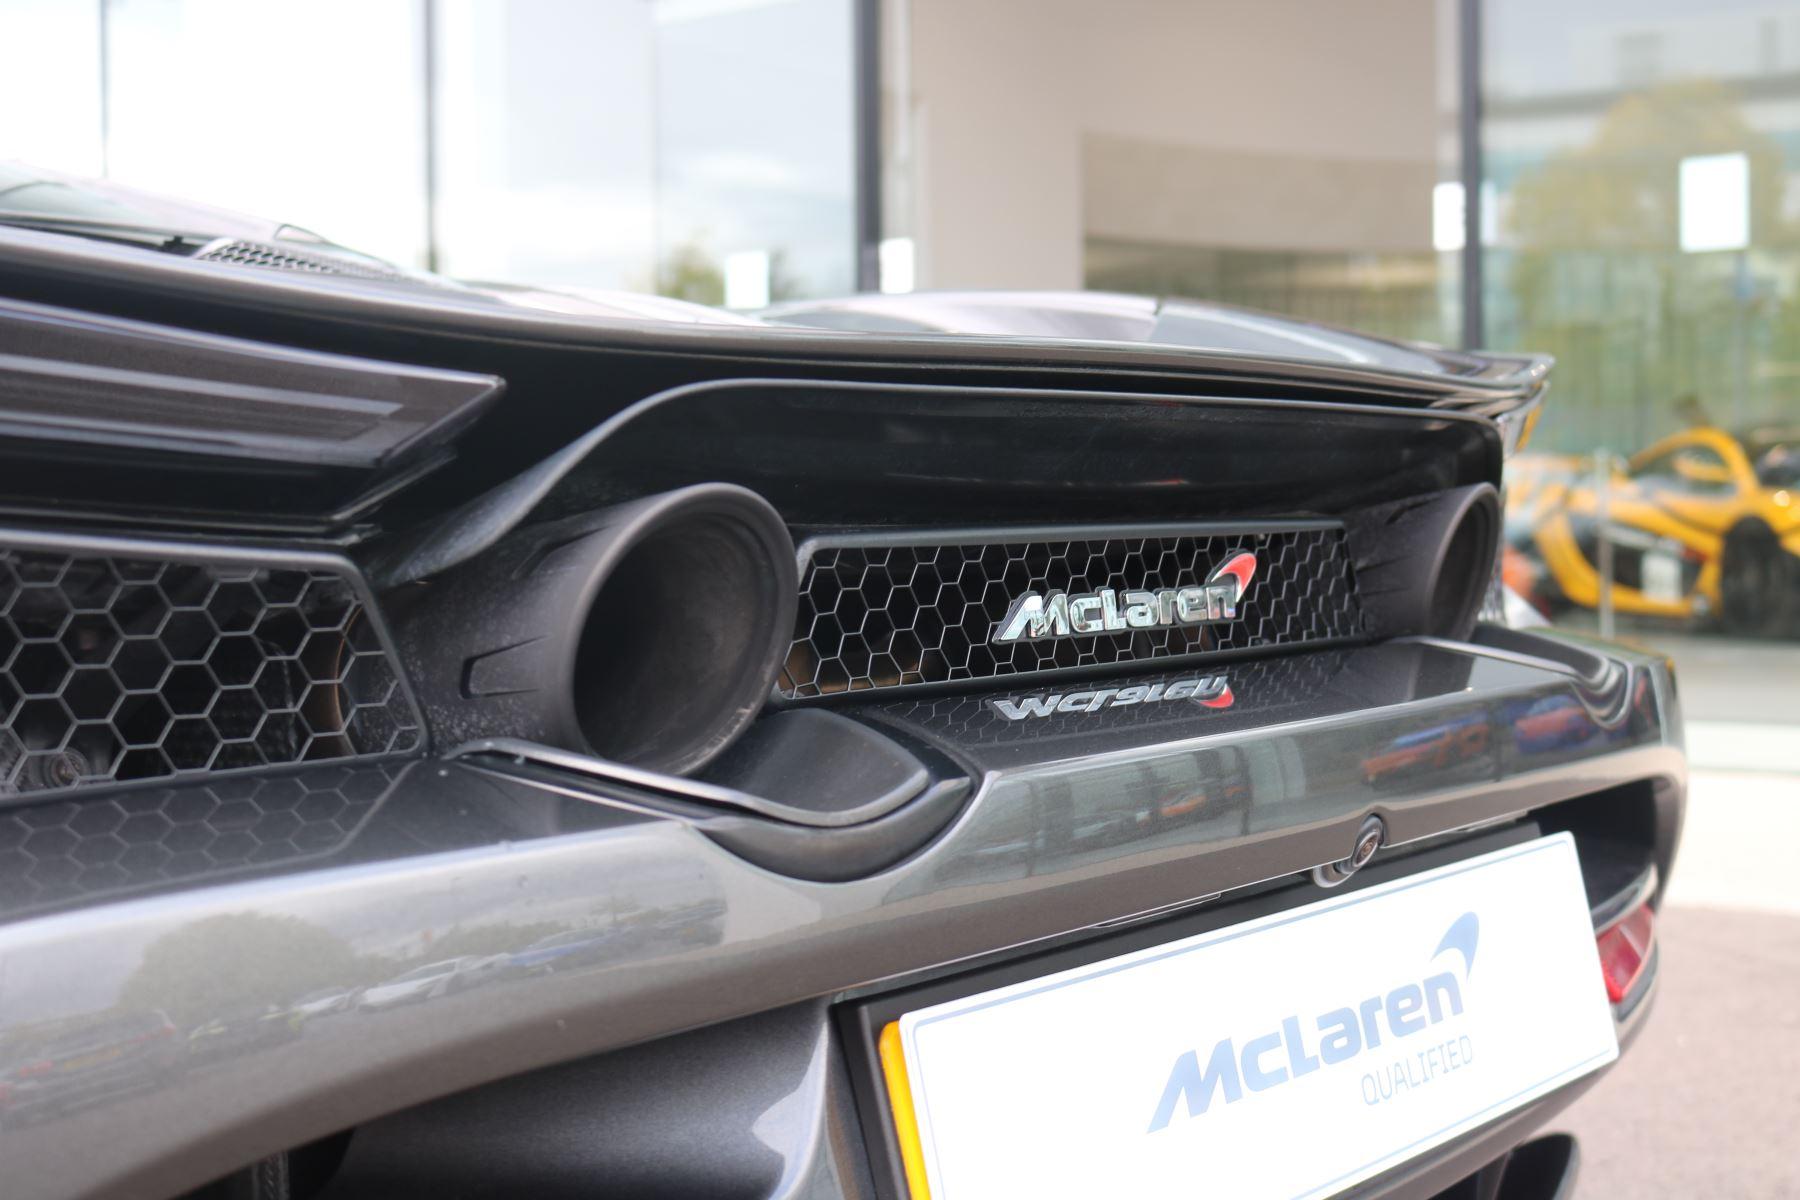 McLaren 720S Performance image 14